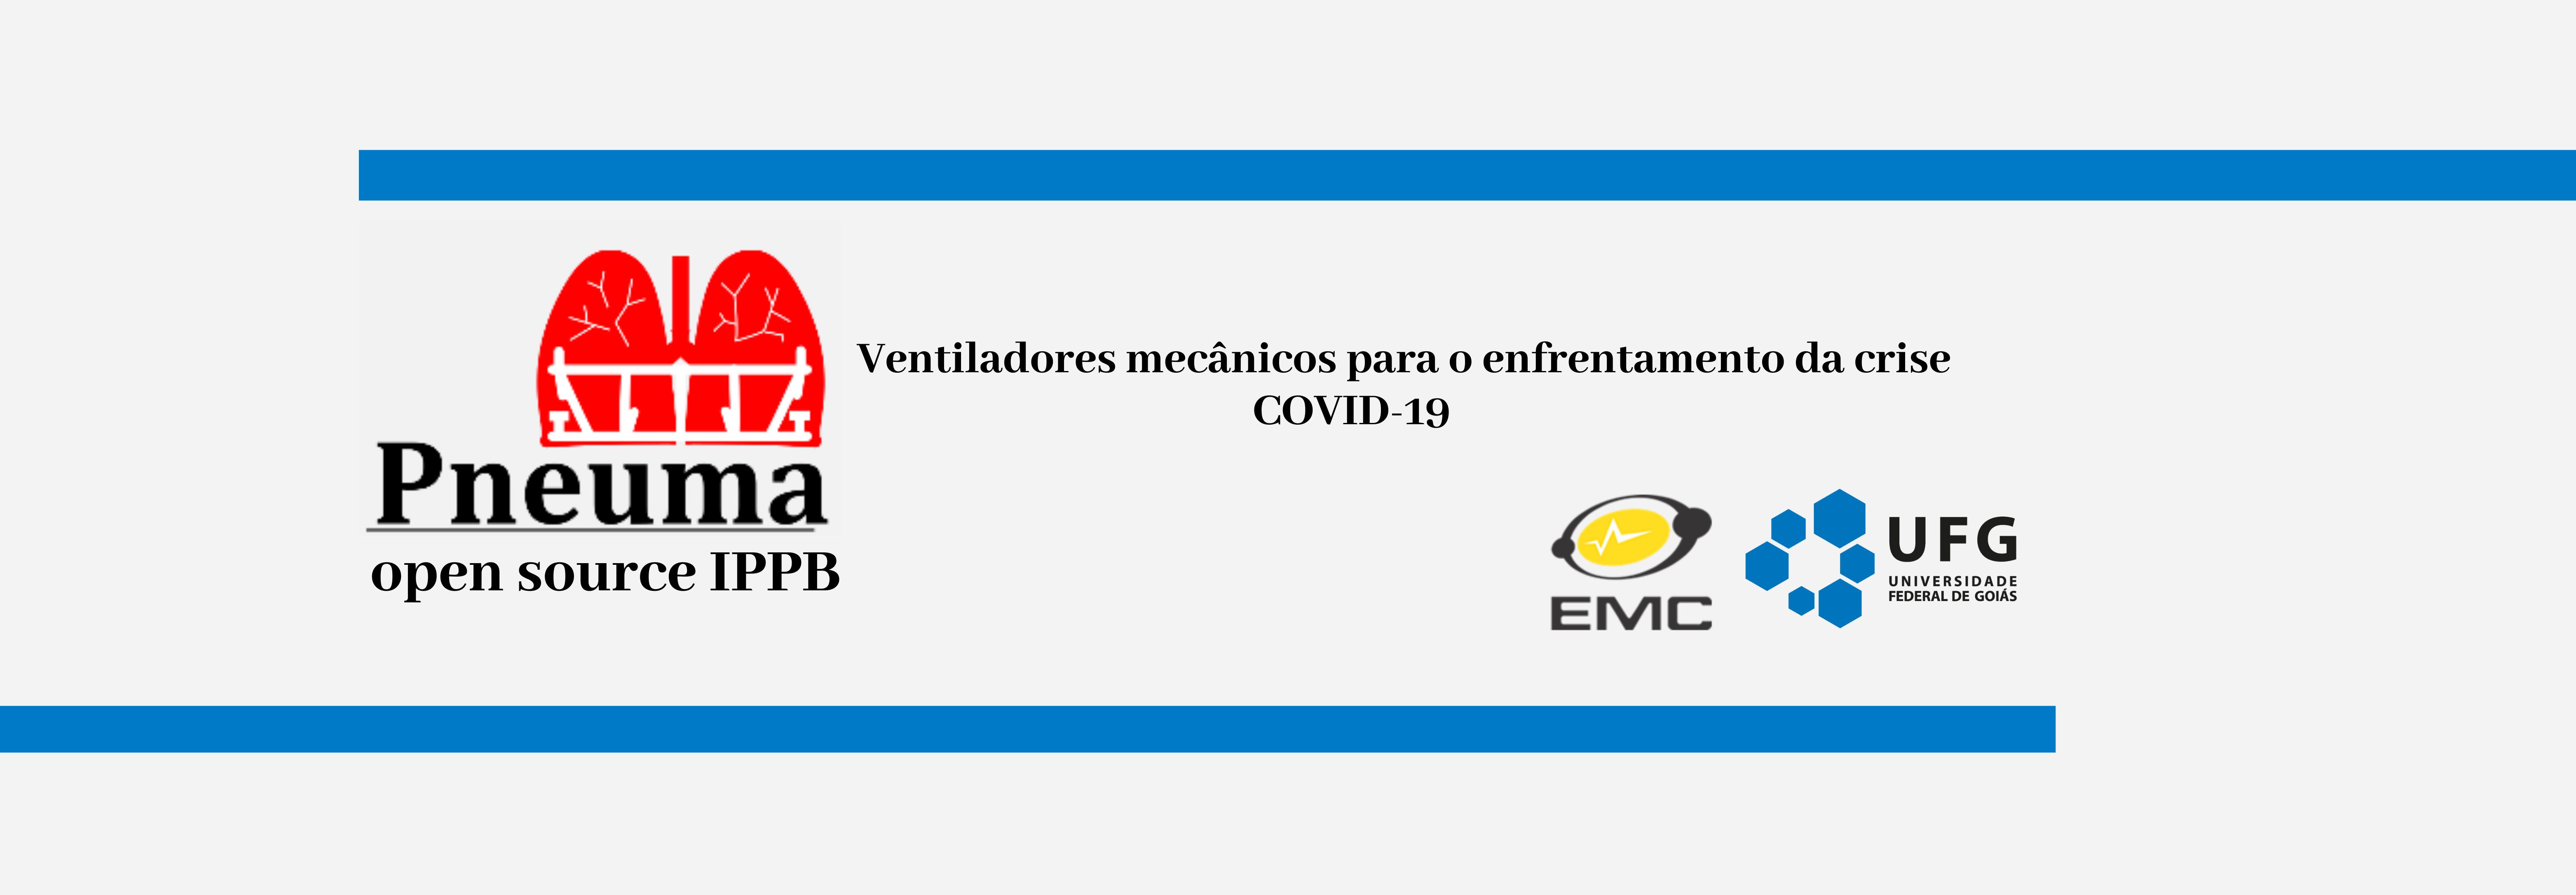 Ventiladores mecânicos para o enfrentamento da crise COVID-19